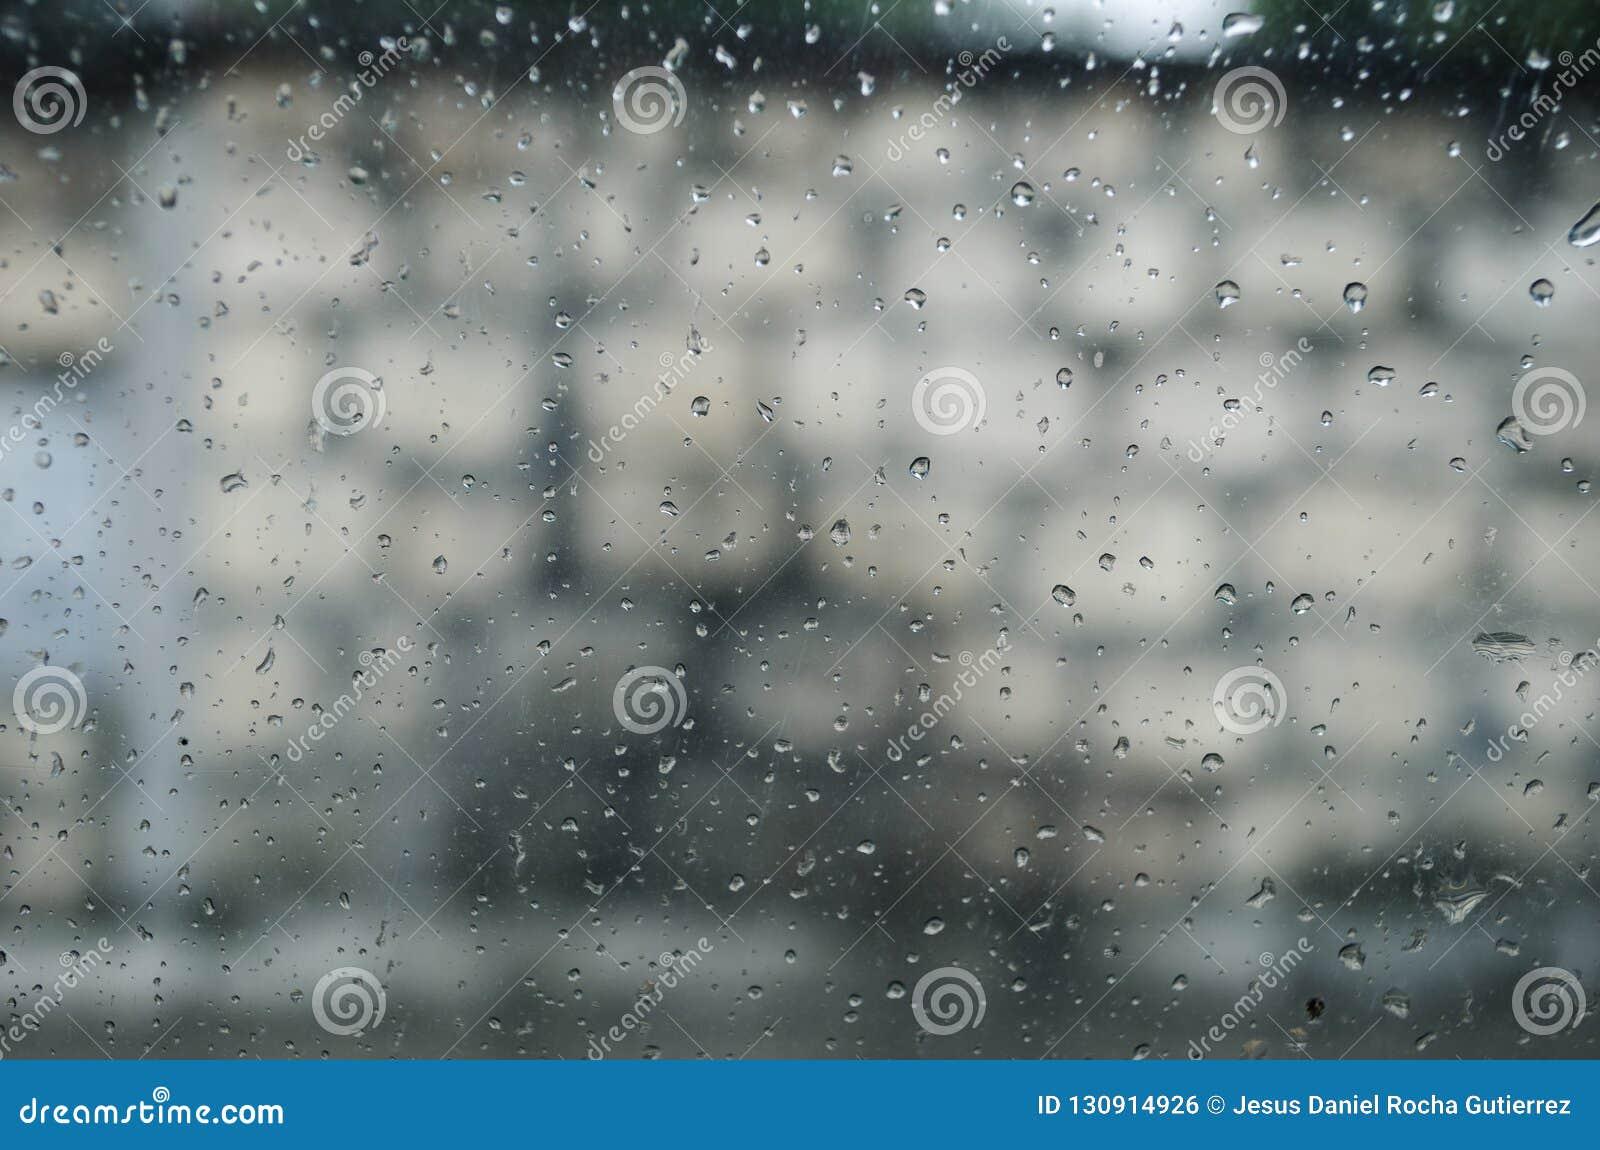 Fönster i förgrunden av inre av en bil med droppar av vatten och en bakgrundsvägg med stora tegelstenar